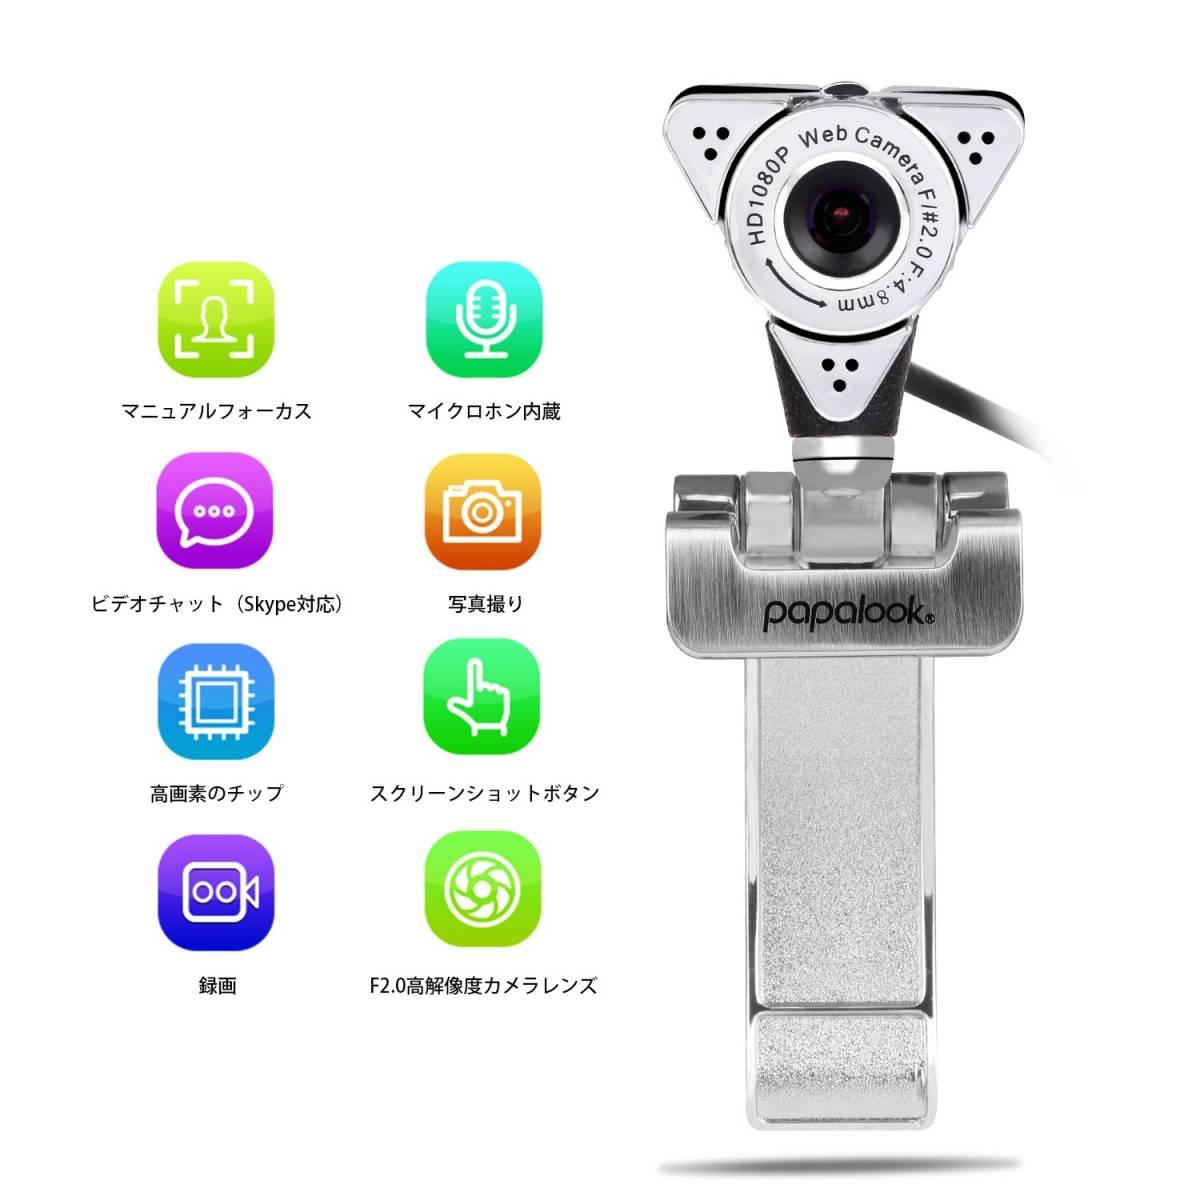 新品●PAPALOOK PA187 ウェブカメラ web カメラ Webカム HD画質 ネットワークカメラ C6480_画像5